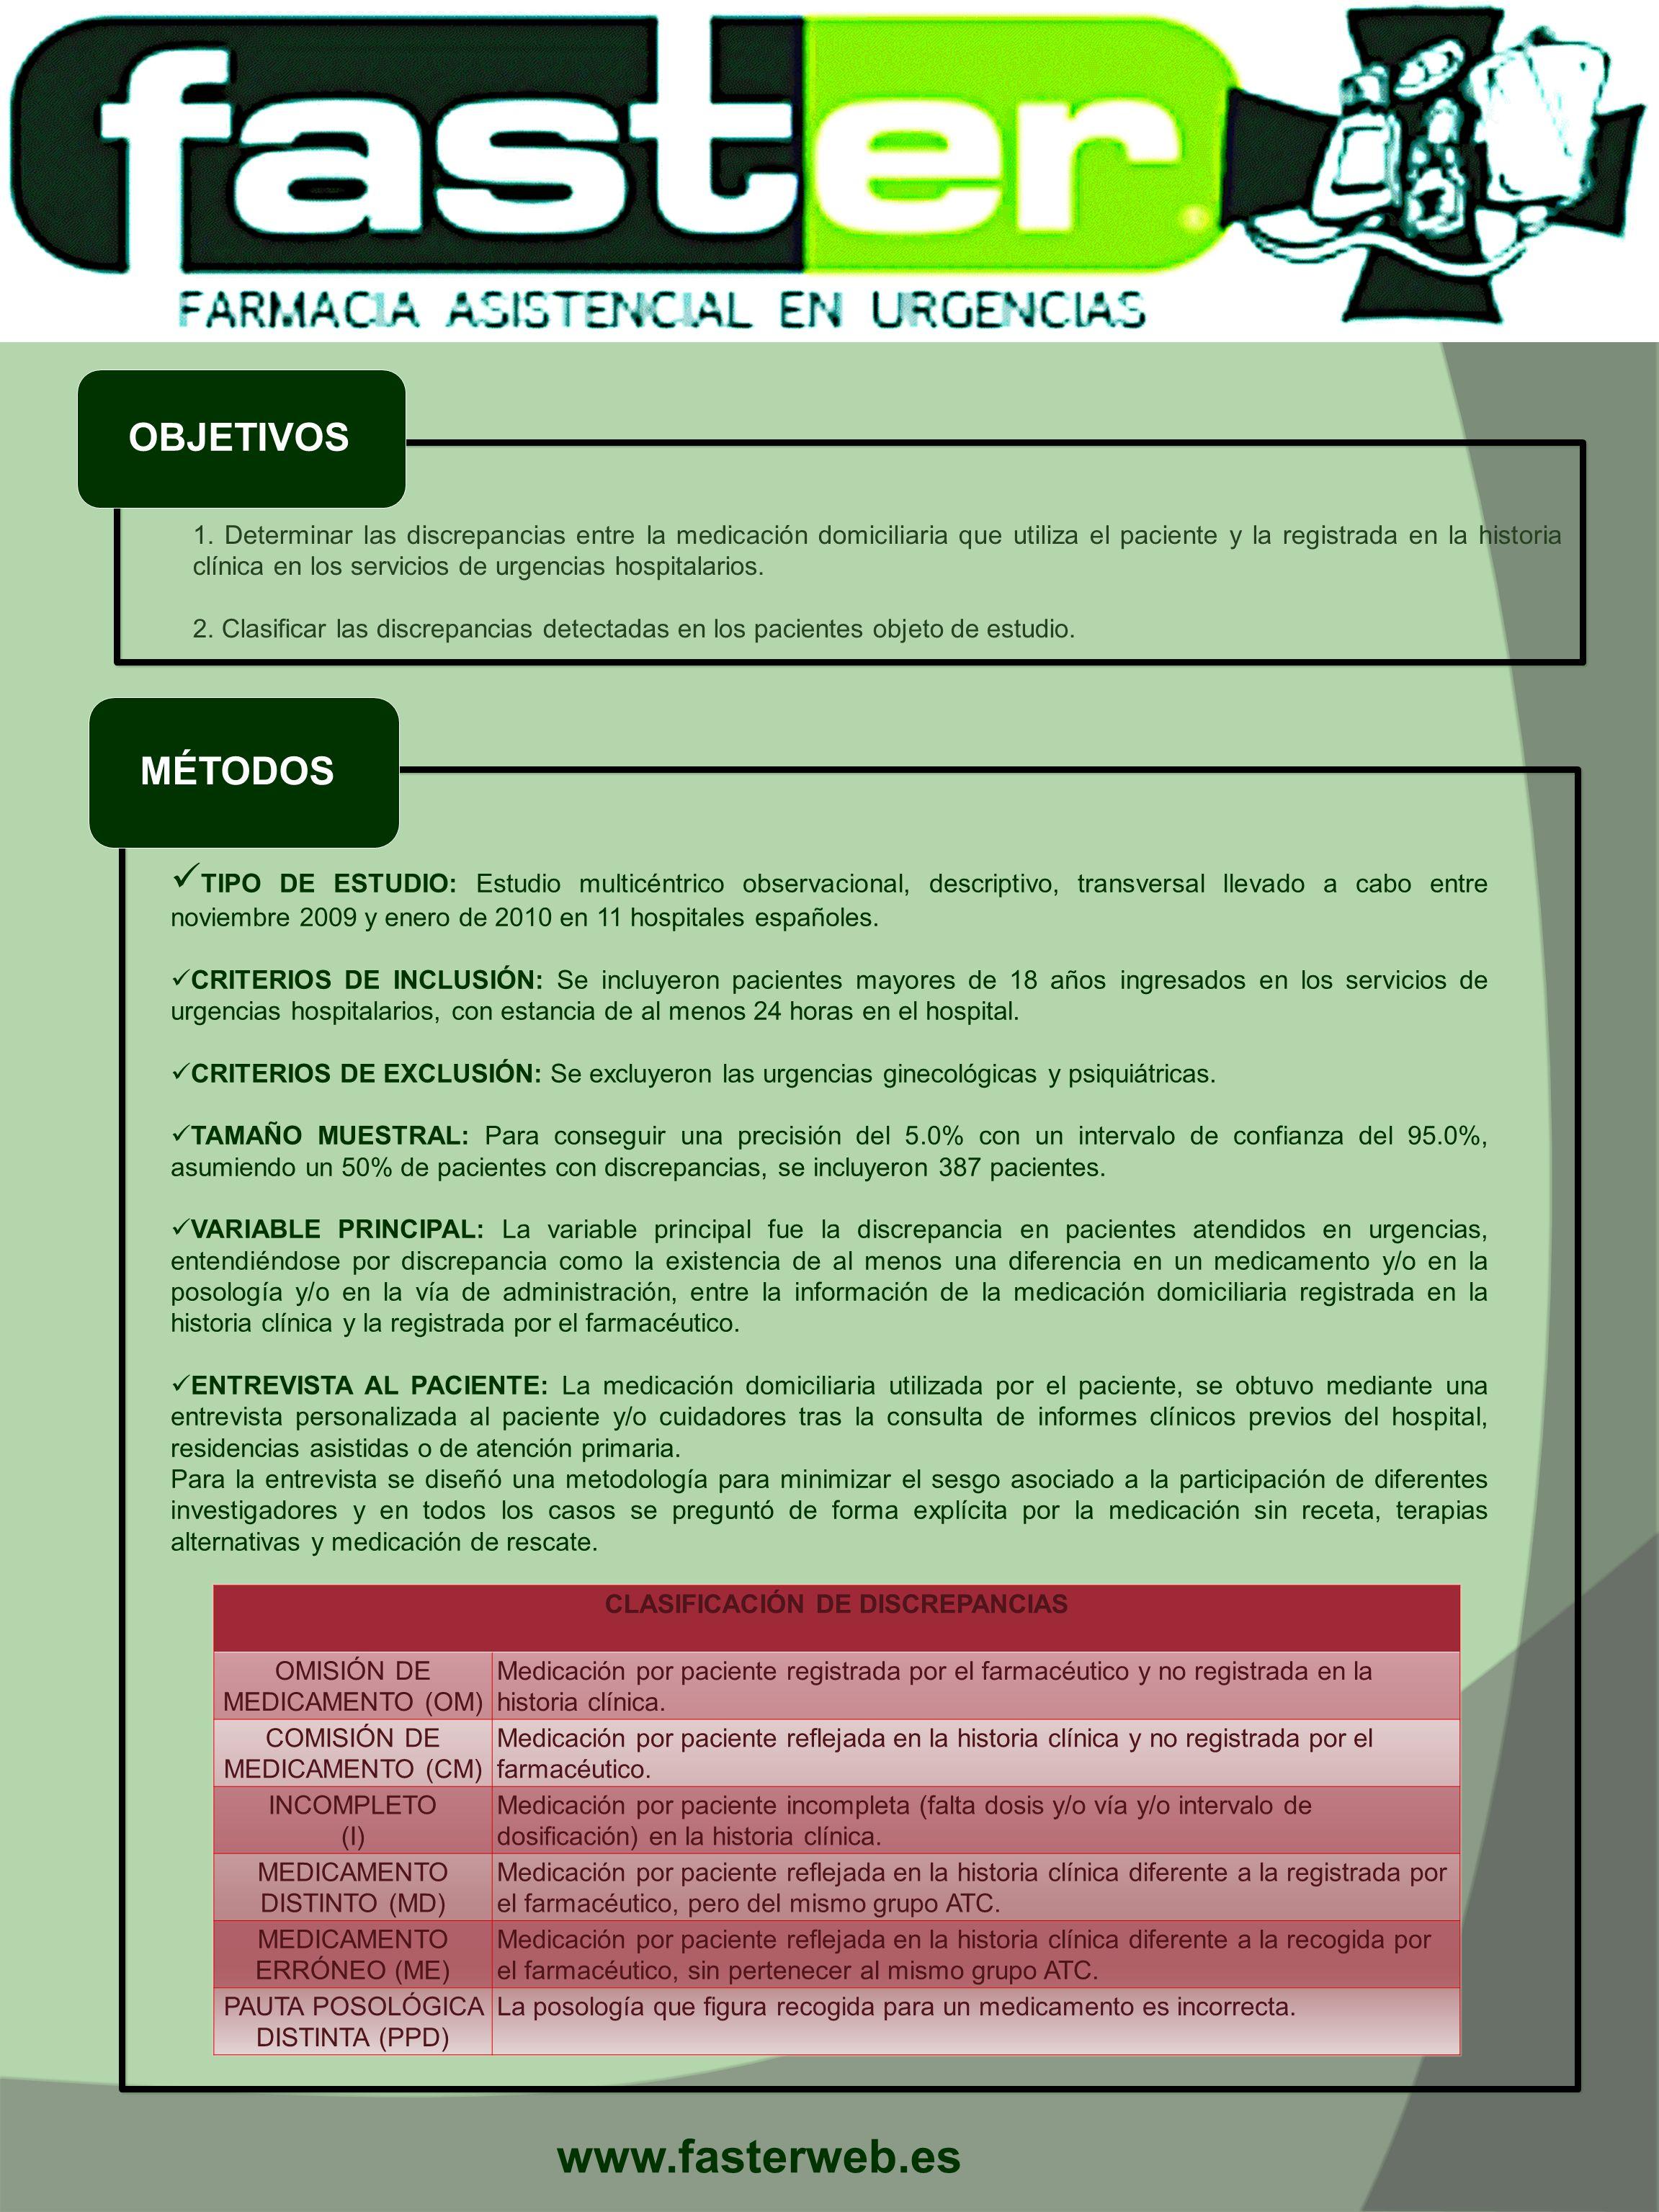 CLASIFICACIÓN DE DISCREPANCIAS